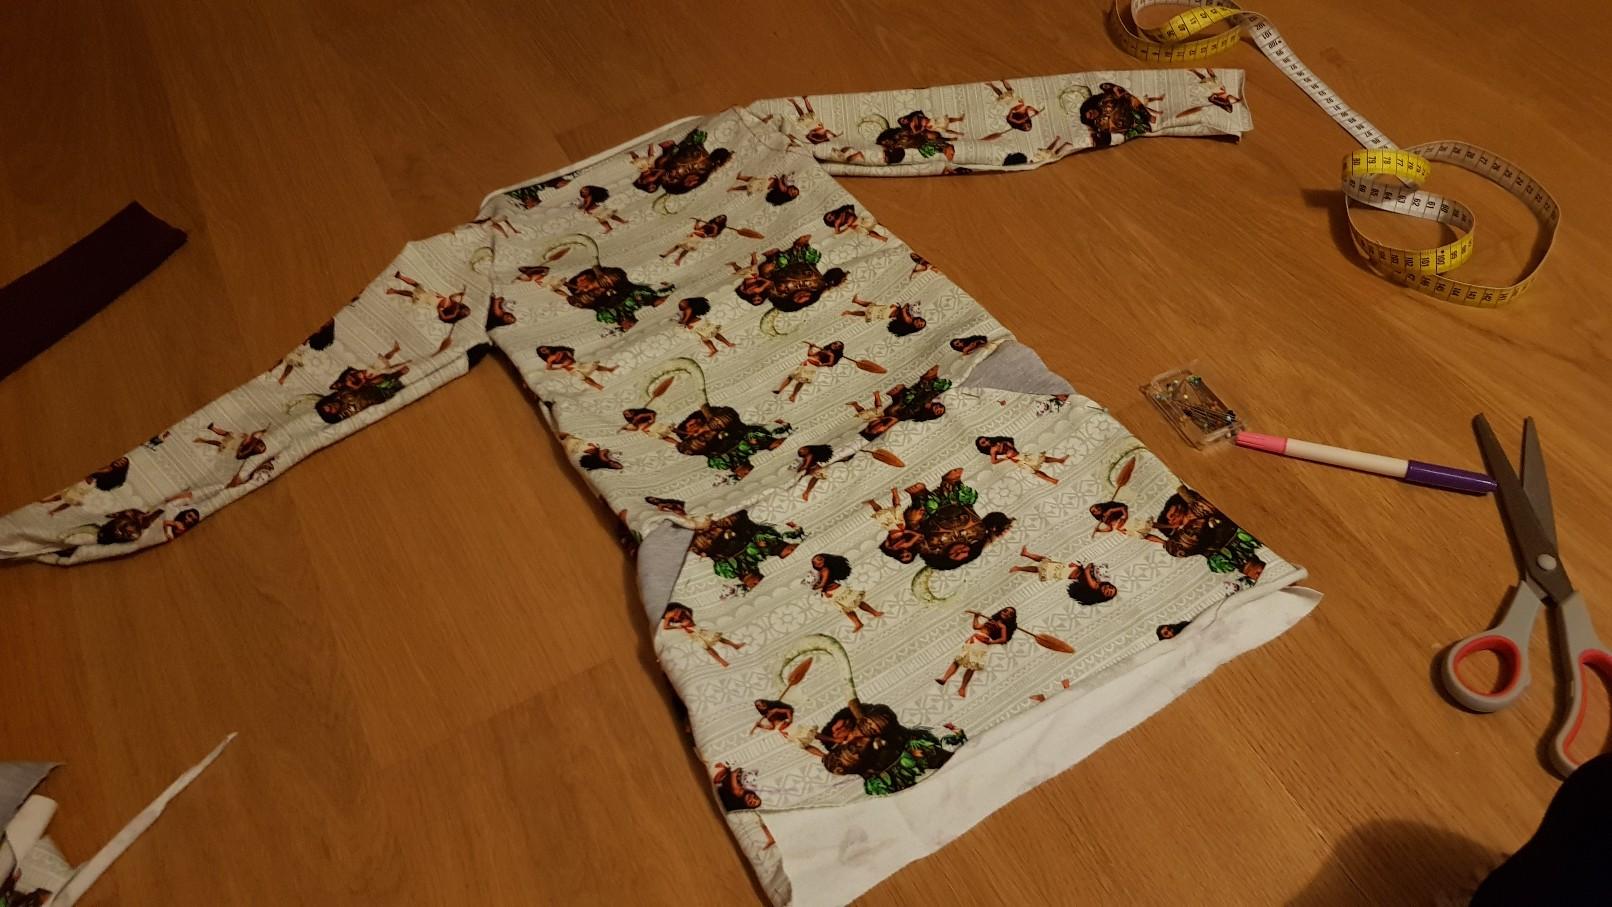 moana vaiana jersey dress front pinned